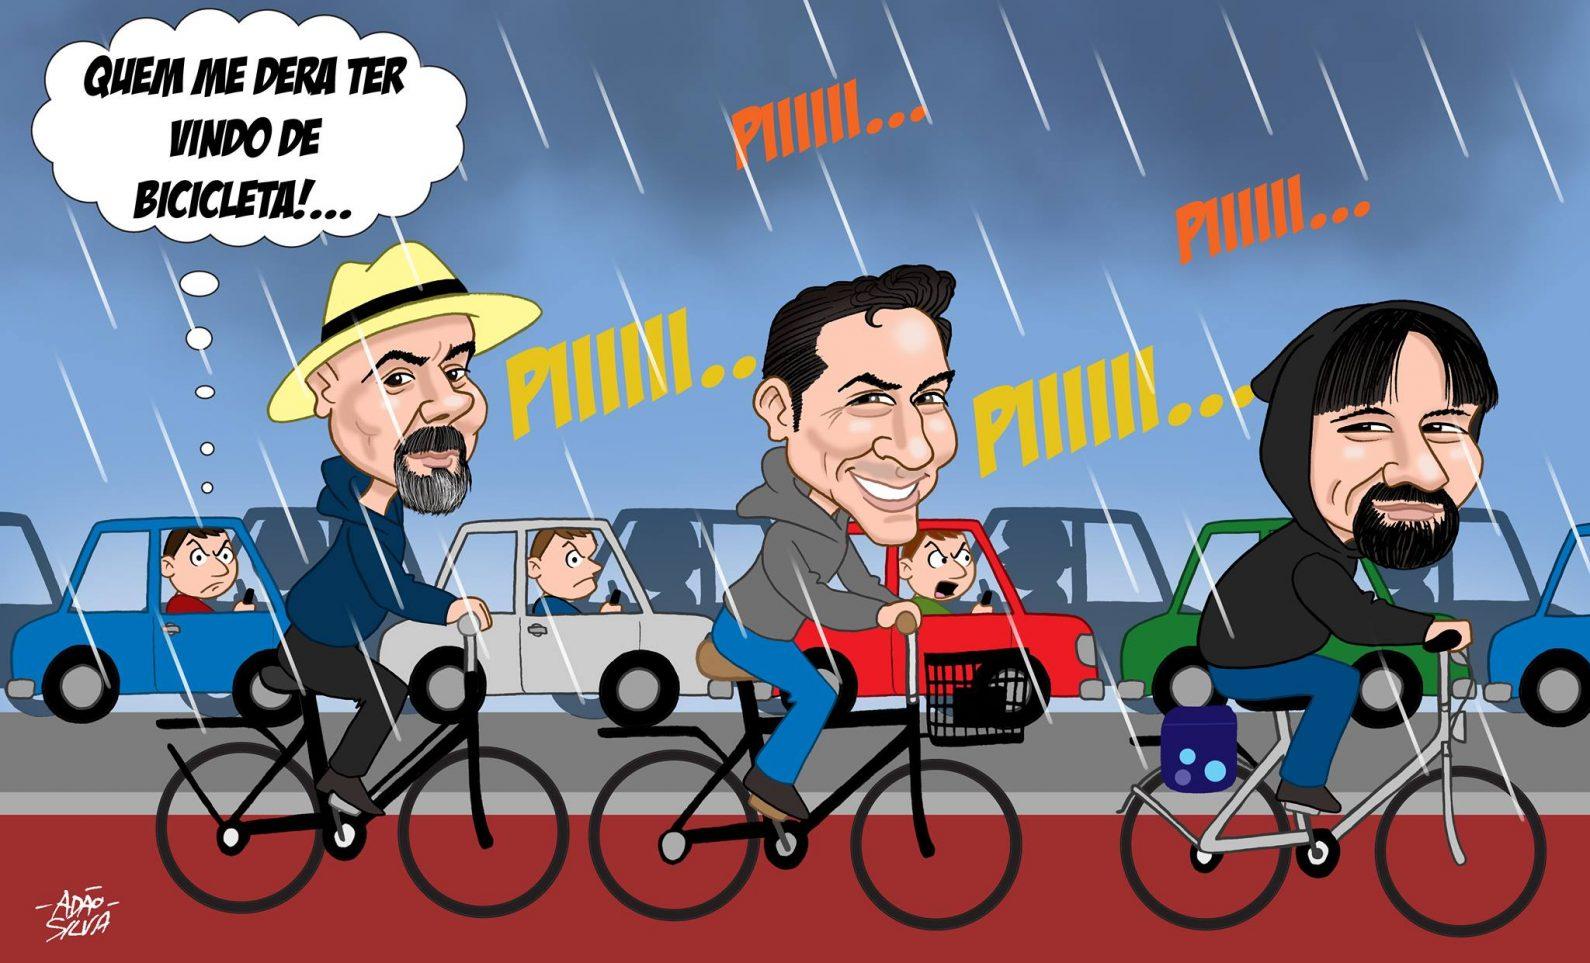 Ciclocartoon de Adão Silva-Faça chuva ou faça sol, sempre a pedalar!